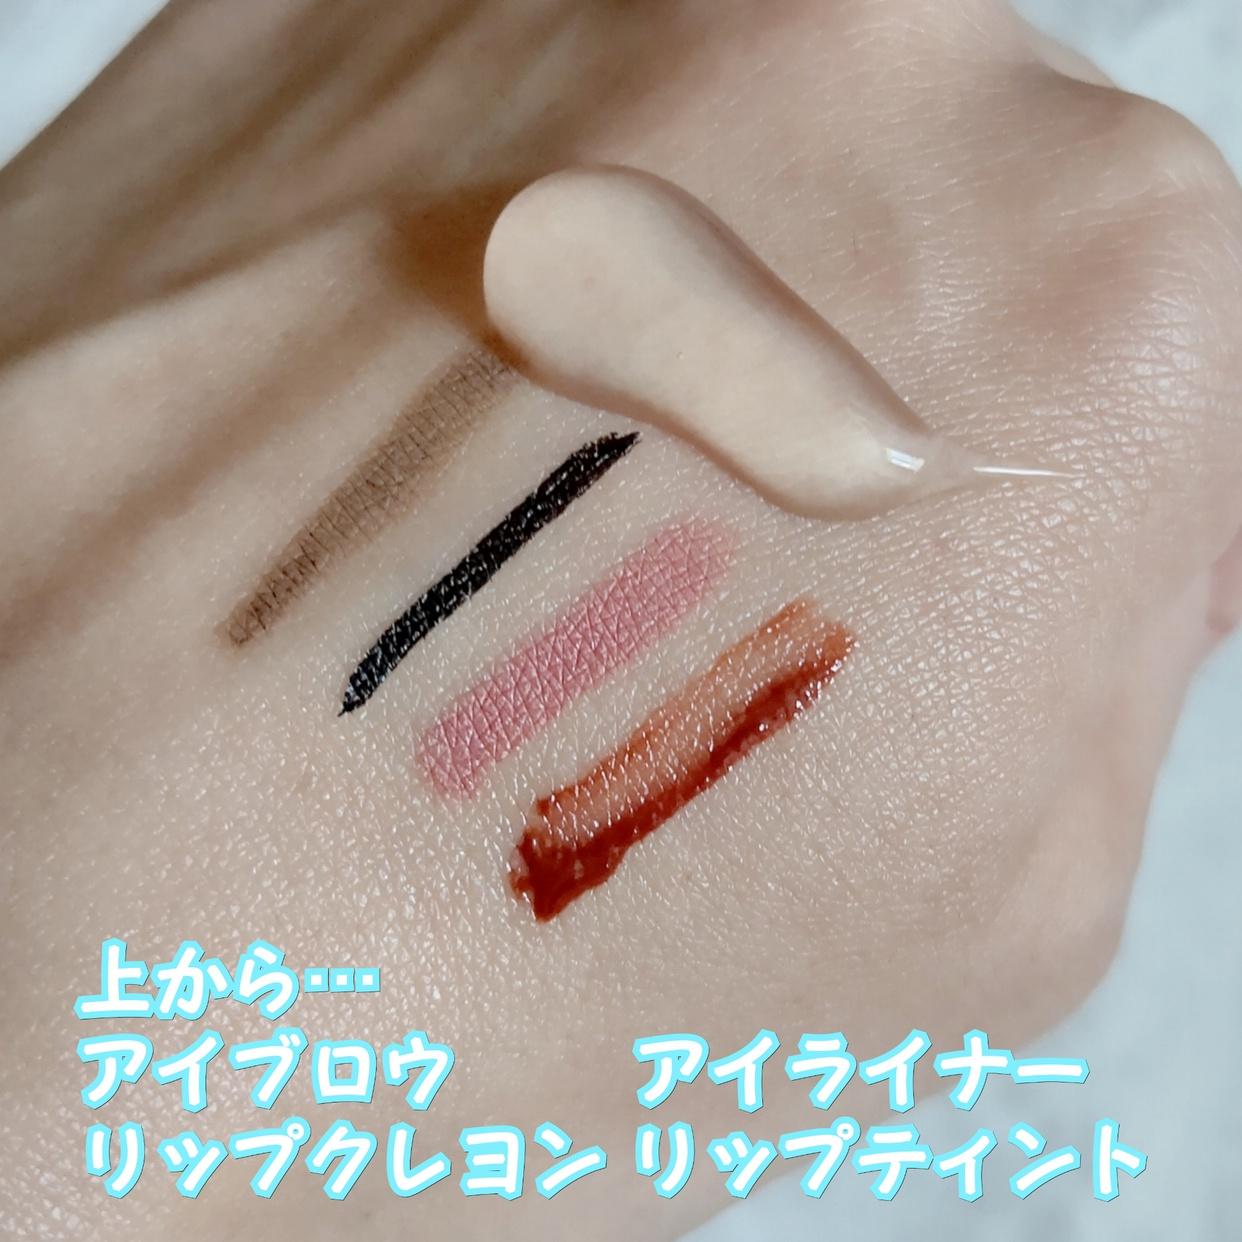 MIKIMOTO COSMETICS(ミキモトコスメティックス) ムーンパール クレンジングジェルの良い点・メリットに関するまおぽこさんの口コミ画像3